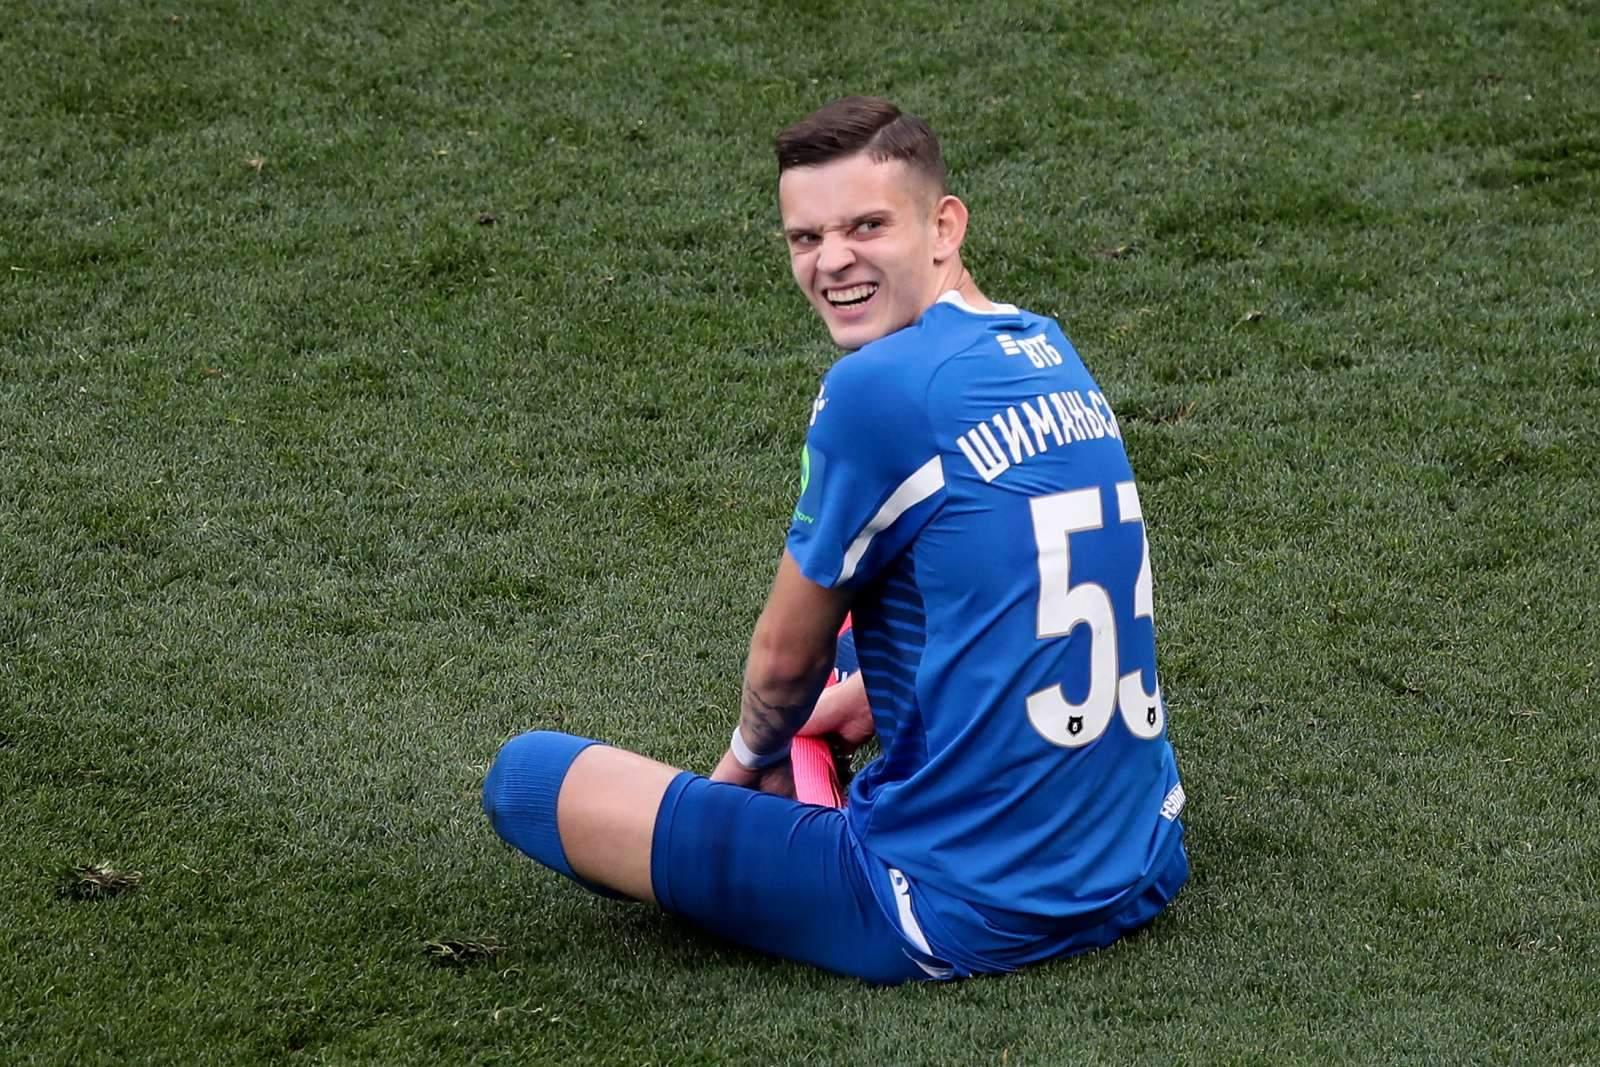 Шиманьски: «Лех» - хорошая команда, в которой очень много молодых очень хороших игроков»